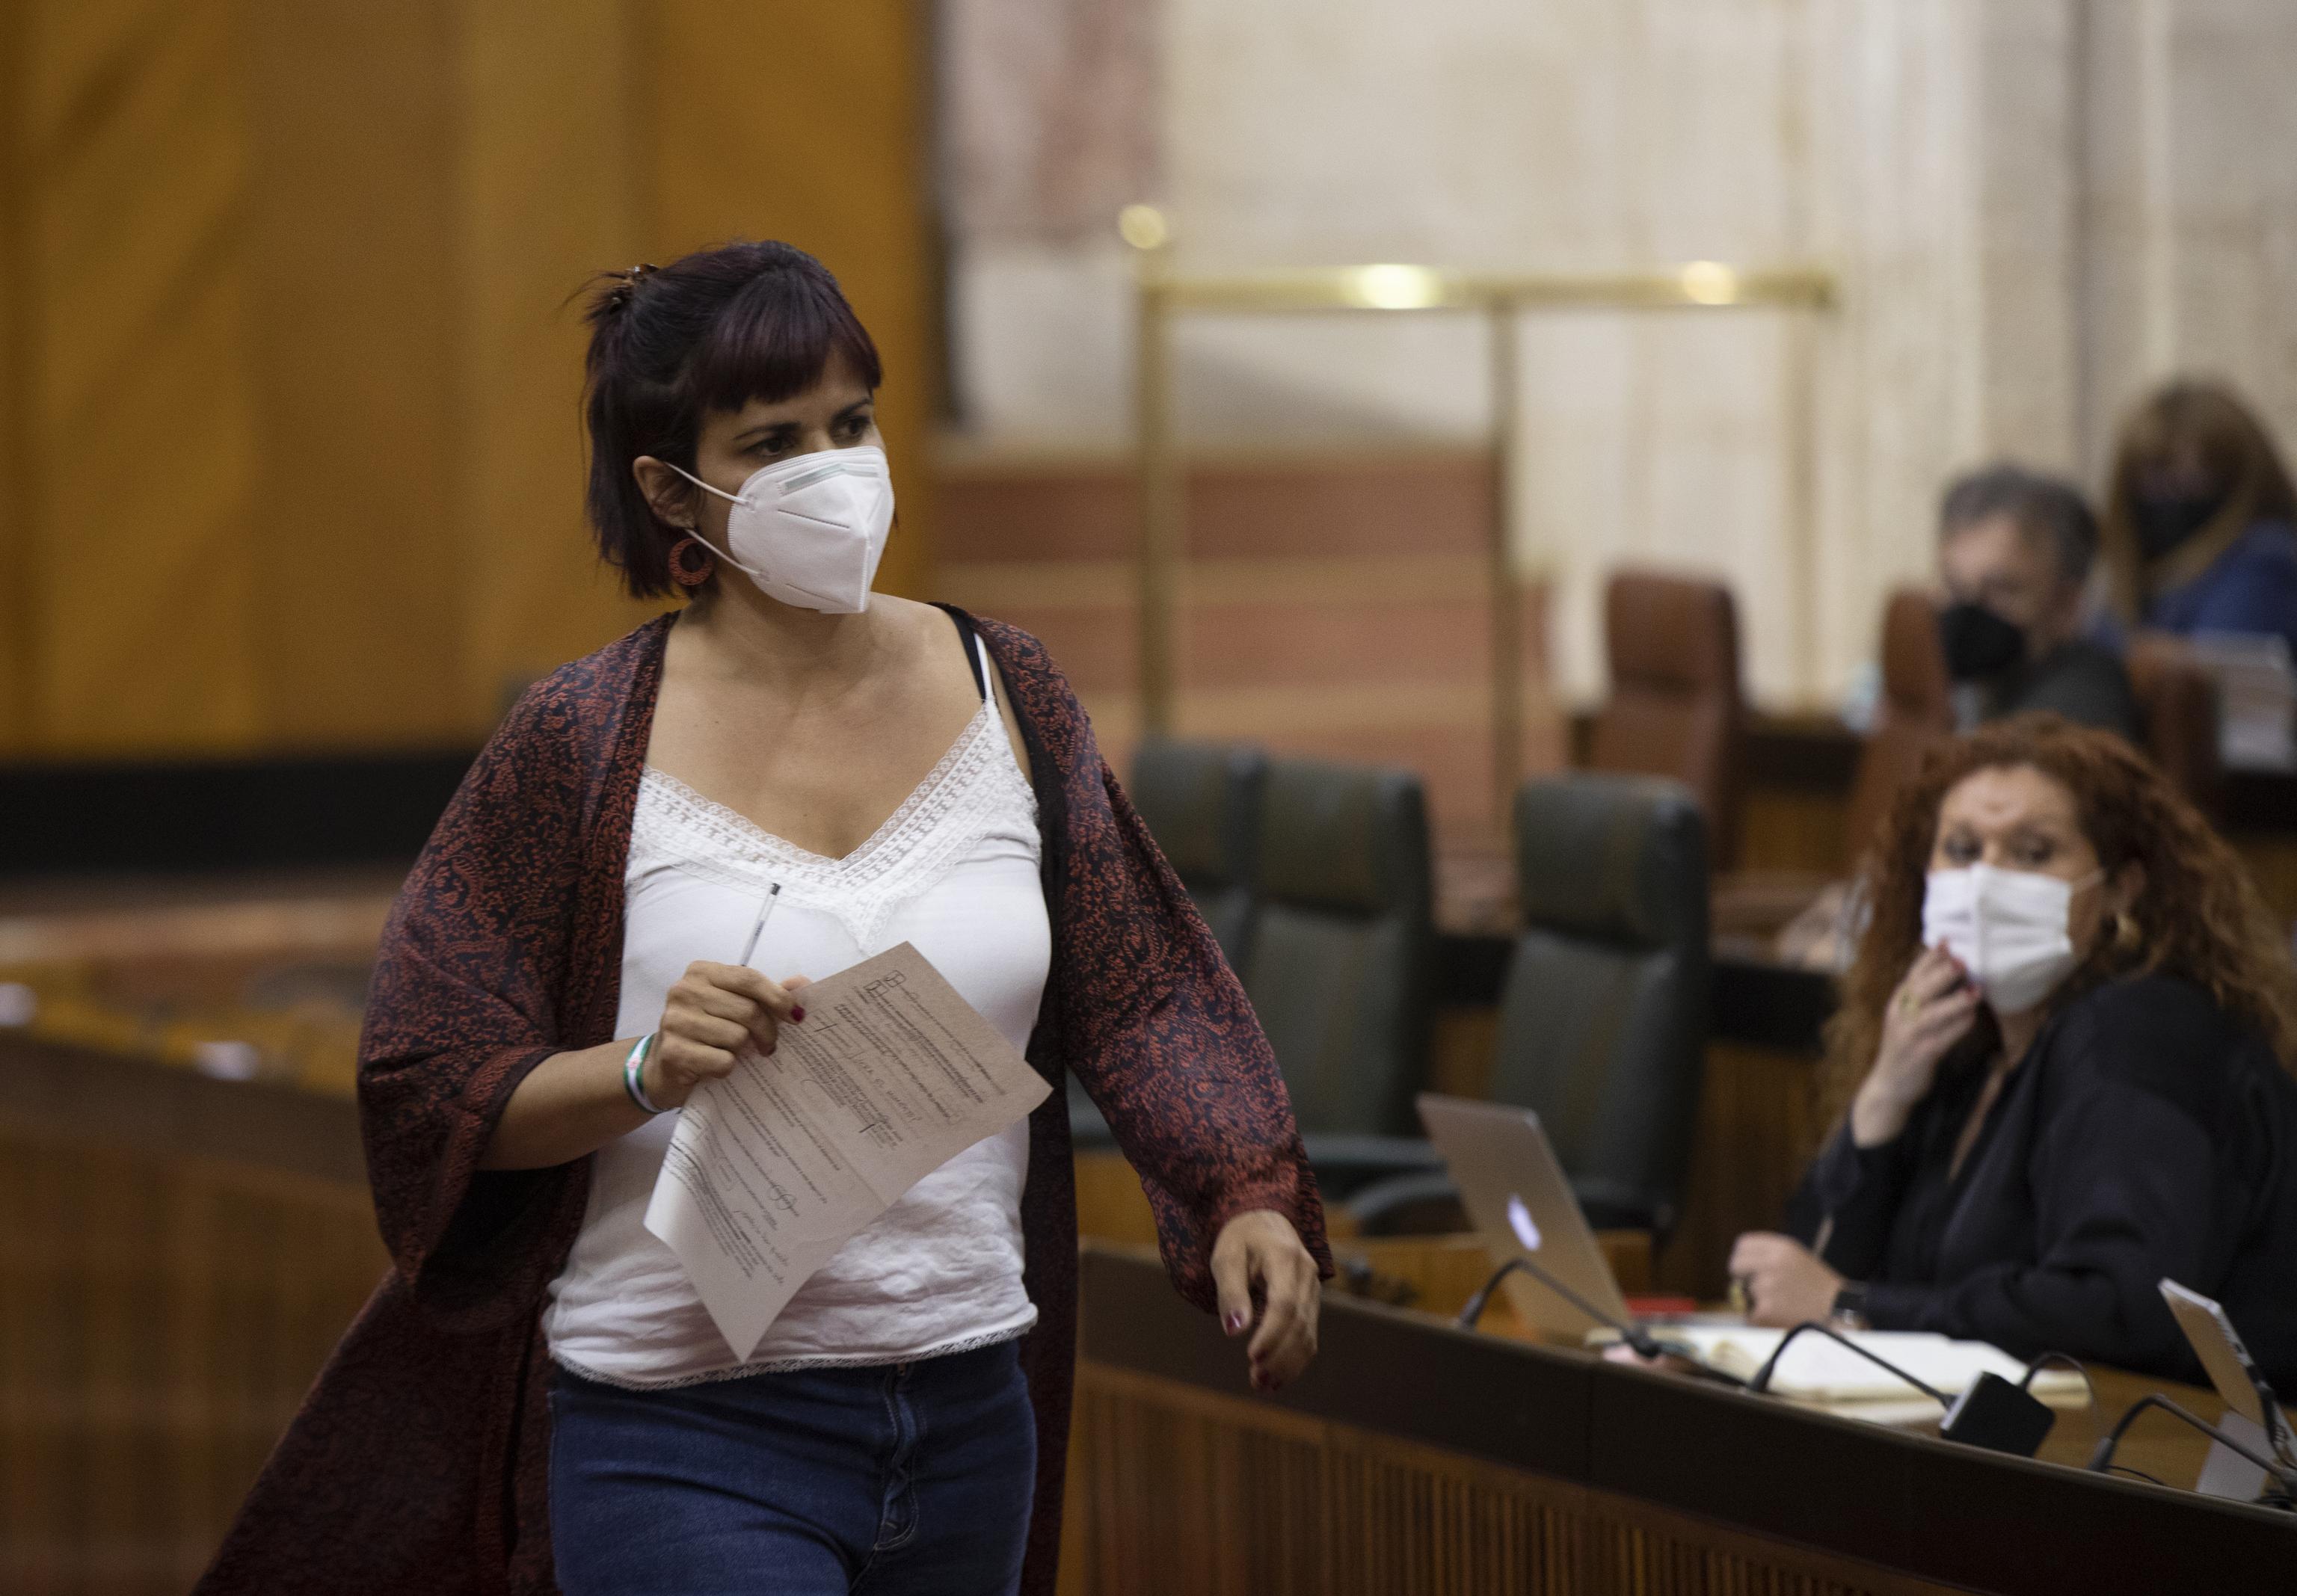 La diputada Teresa Rodríguez, en el Parlamento andaluz.